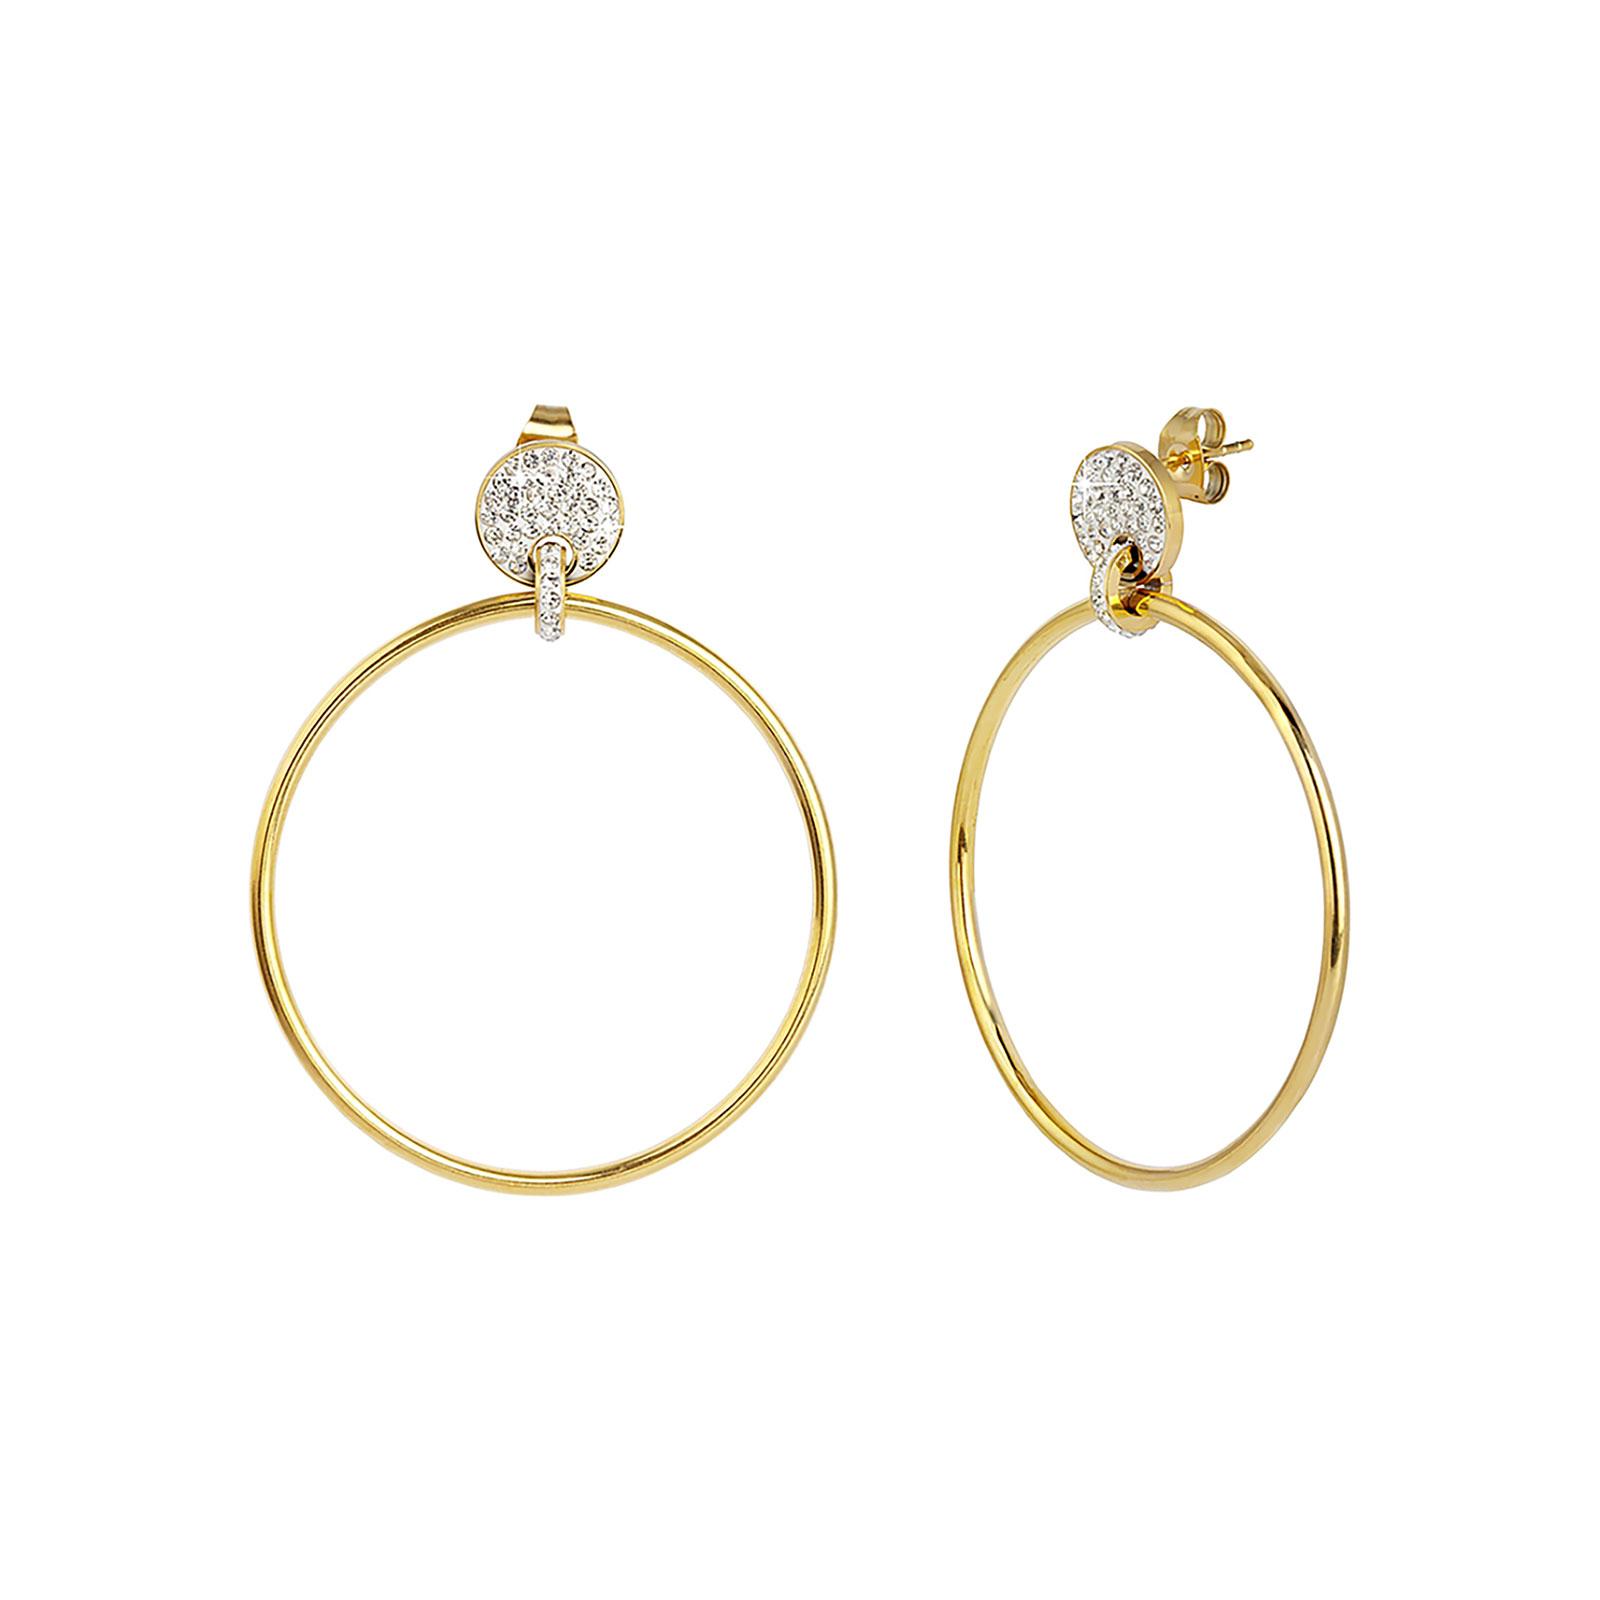 Örhängen i stål - guldfärgade ringar med vita stenar